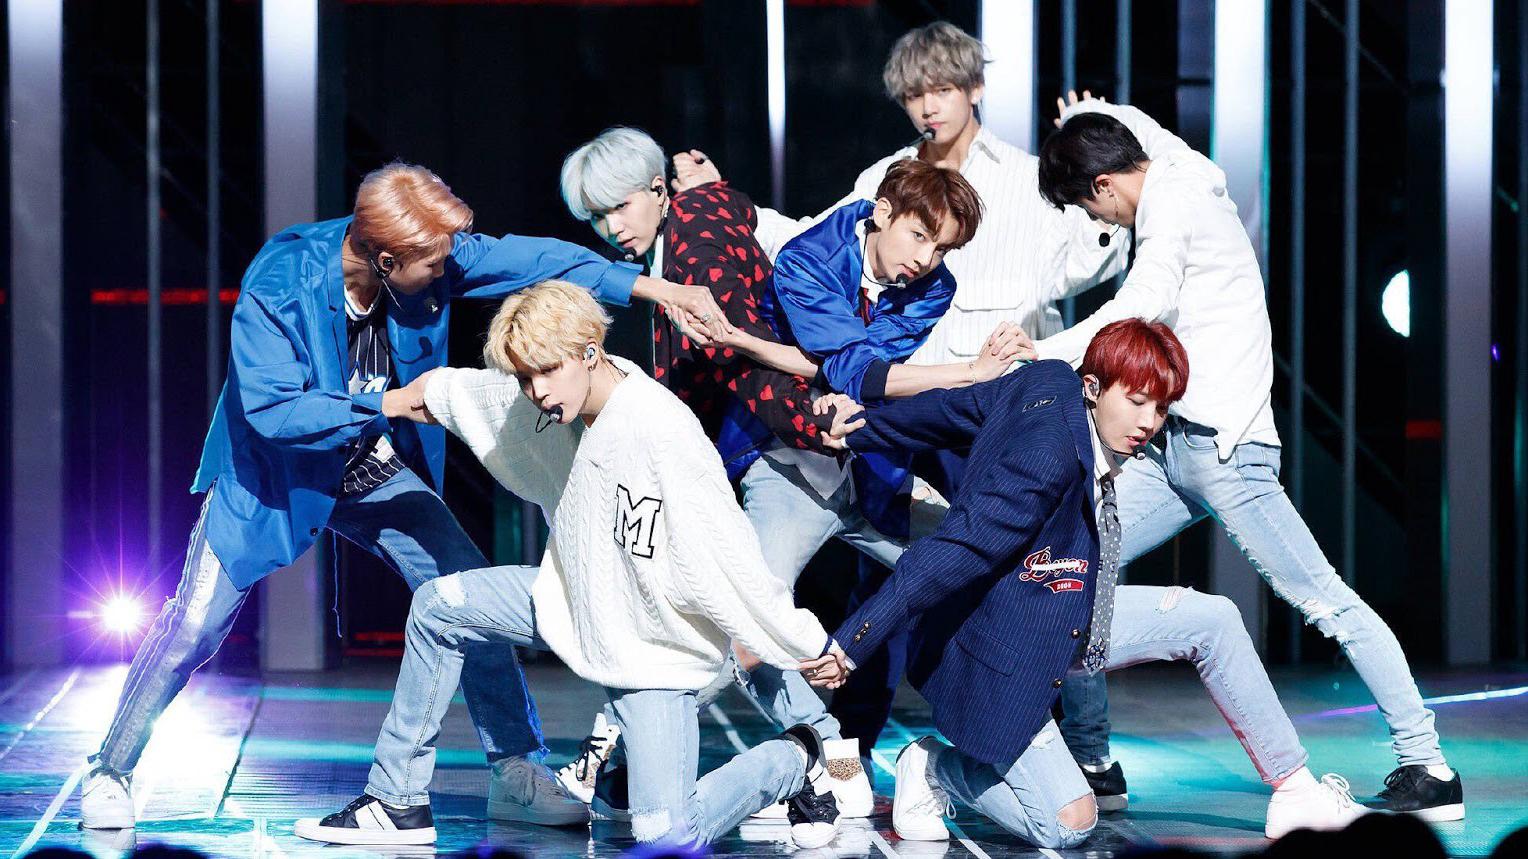 Các thành viên BTS tiết lộ bí mật về chuyện yêu đương của nhóm